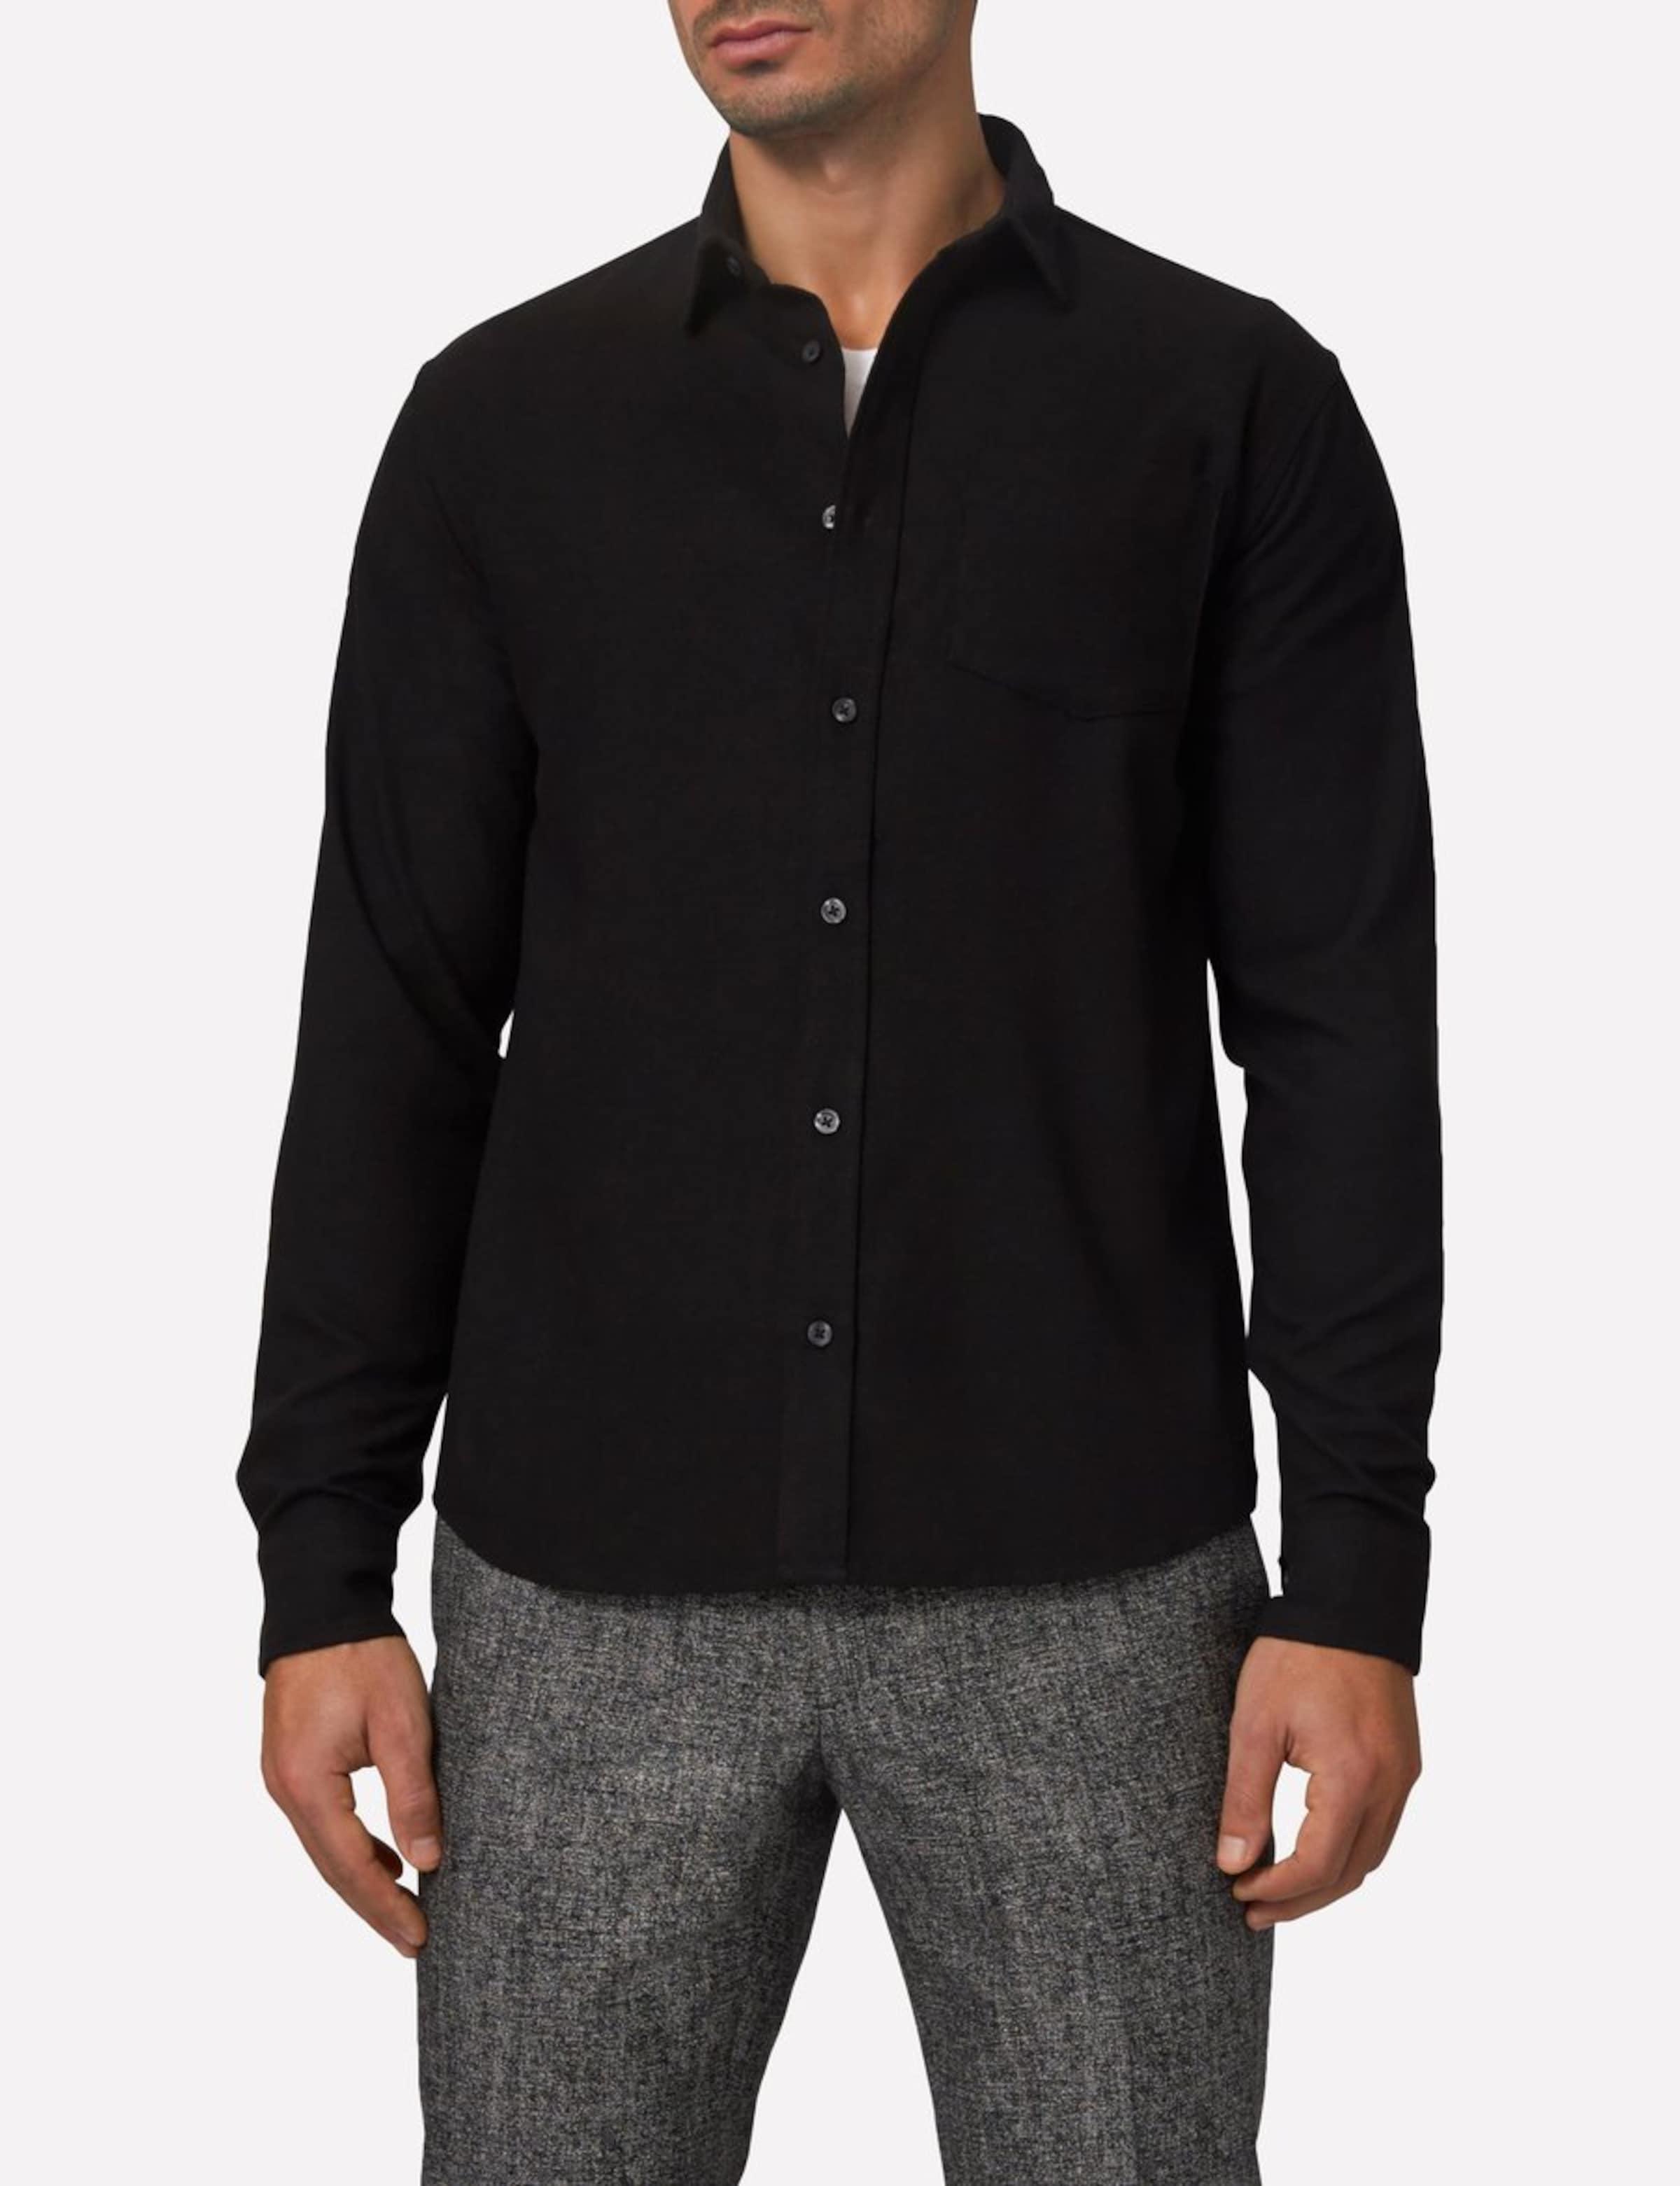 J.Lindeberg 'Daniel CL S' Raw SIlk Hemd Preise Für Verkauf Um Online-Verkauf Vermarktbare Online tLVddh